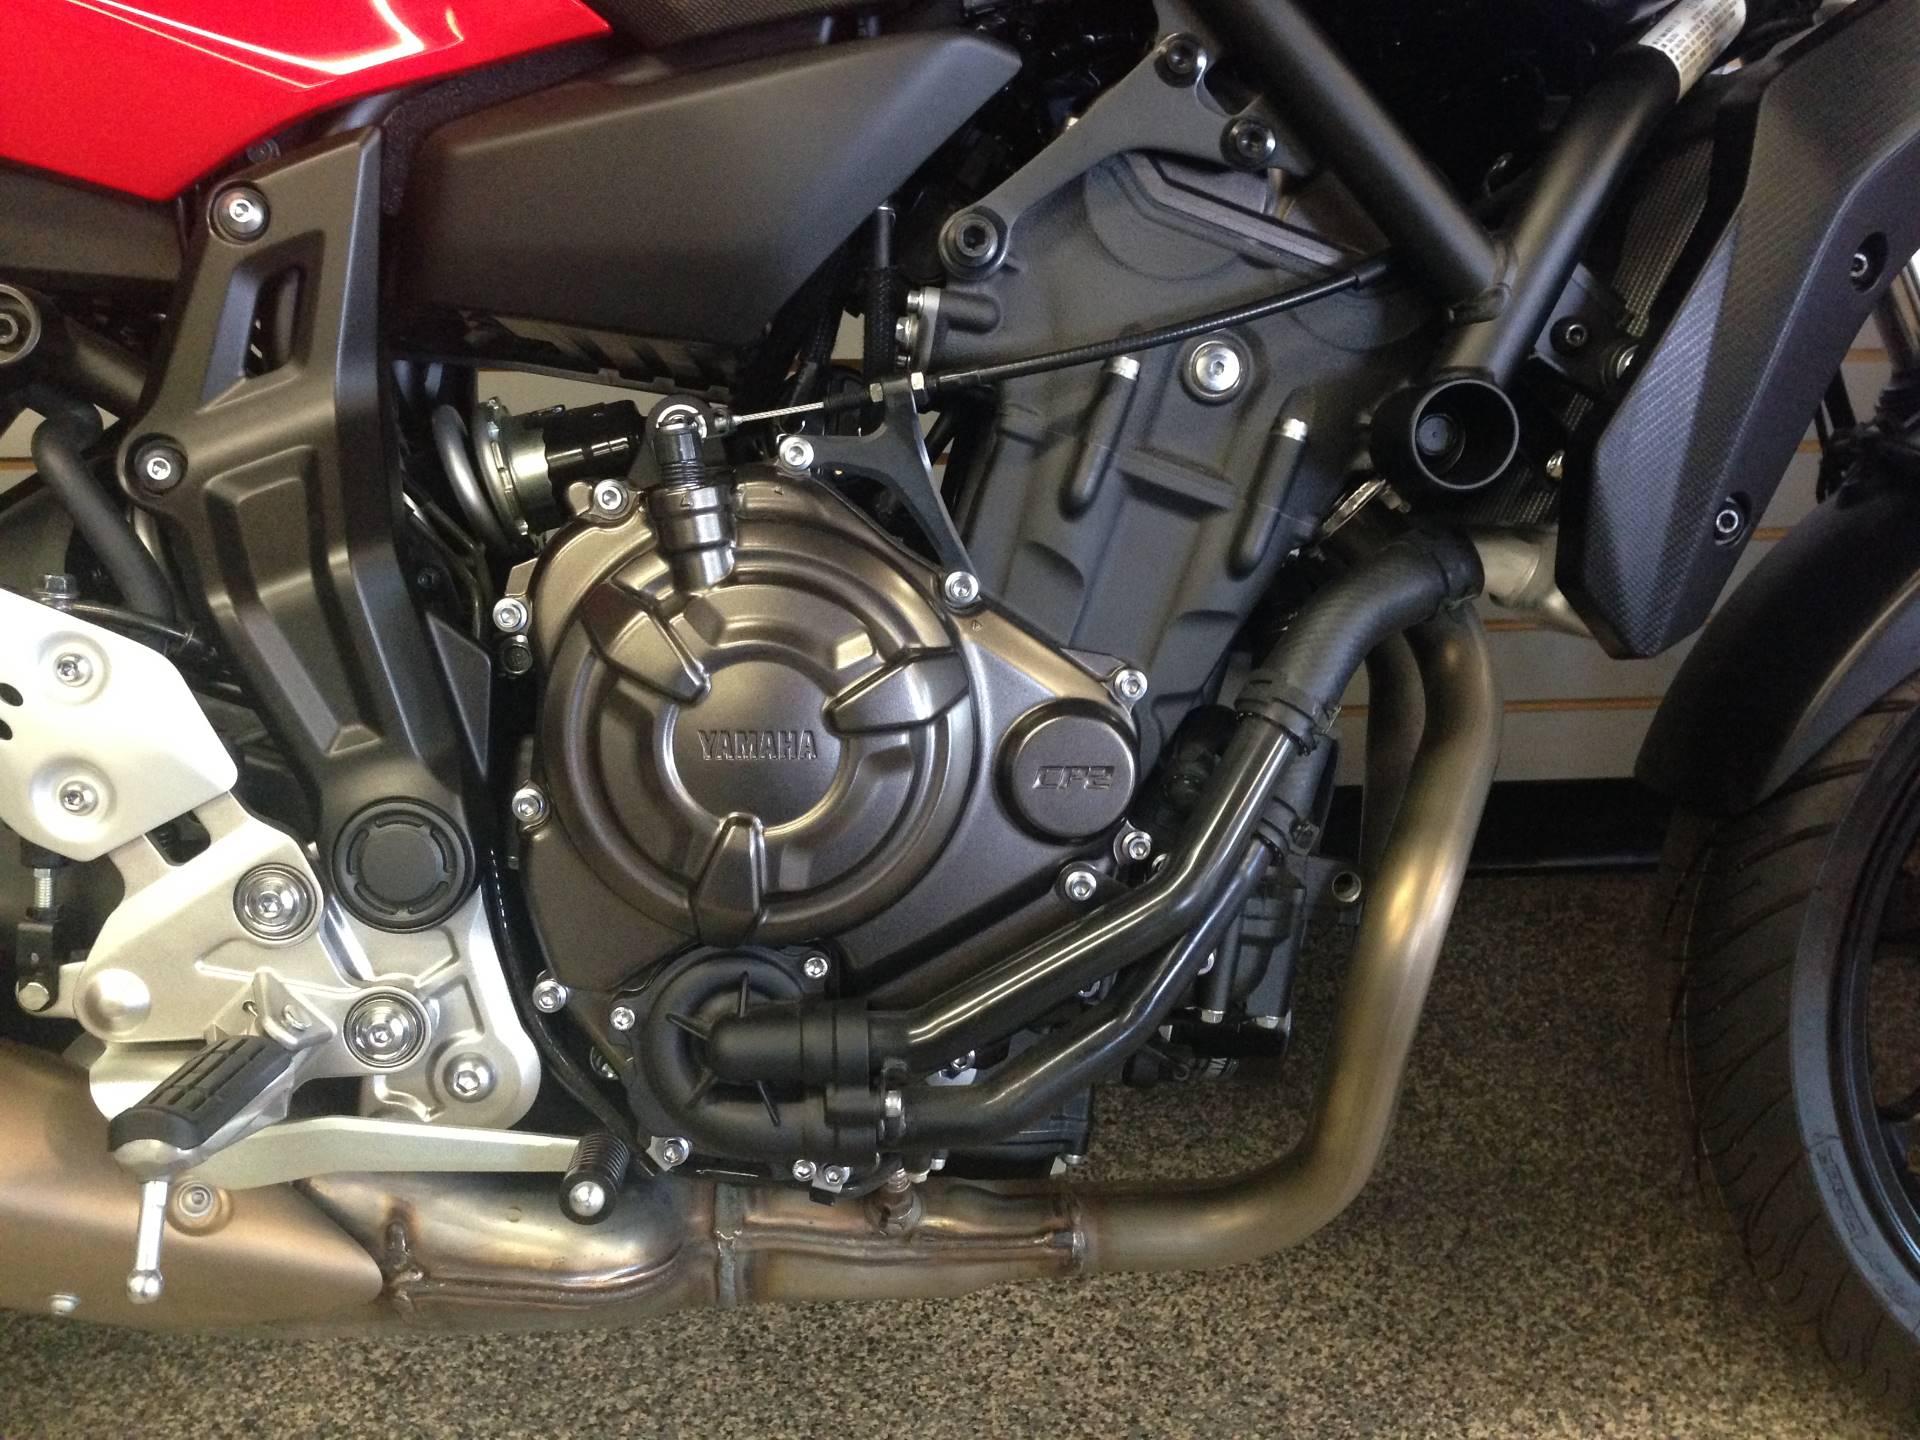 2017 Yamaha FZ-07 ABS for sale 27560